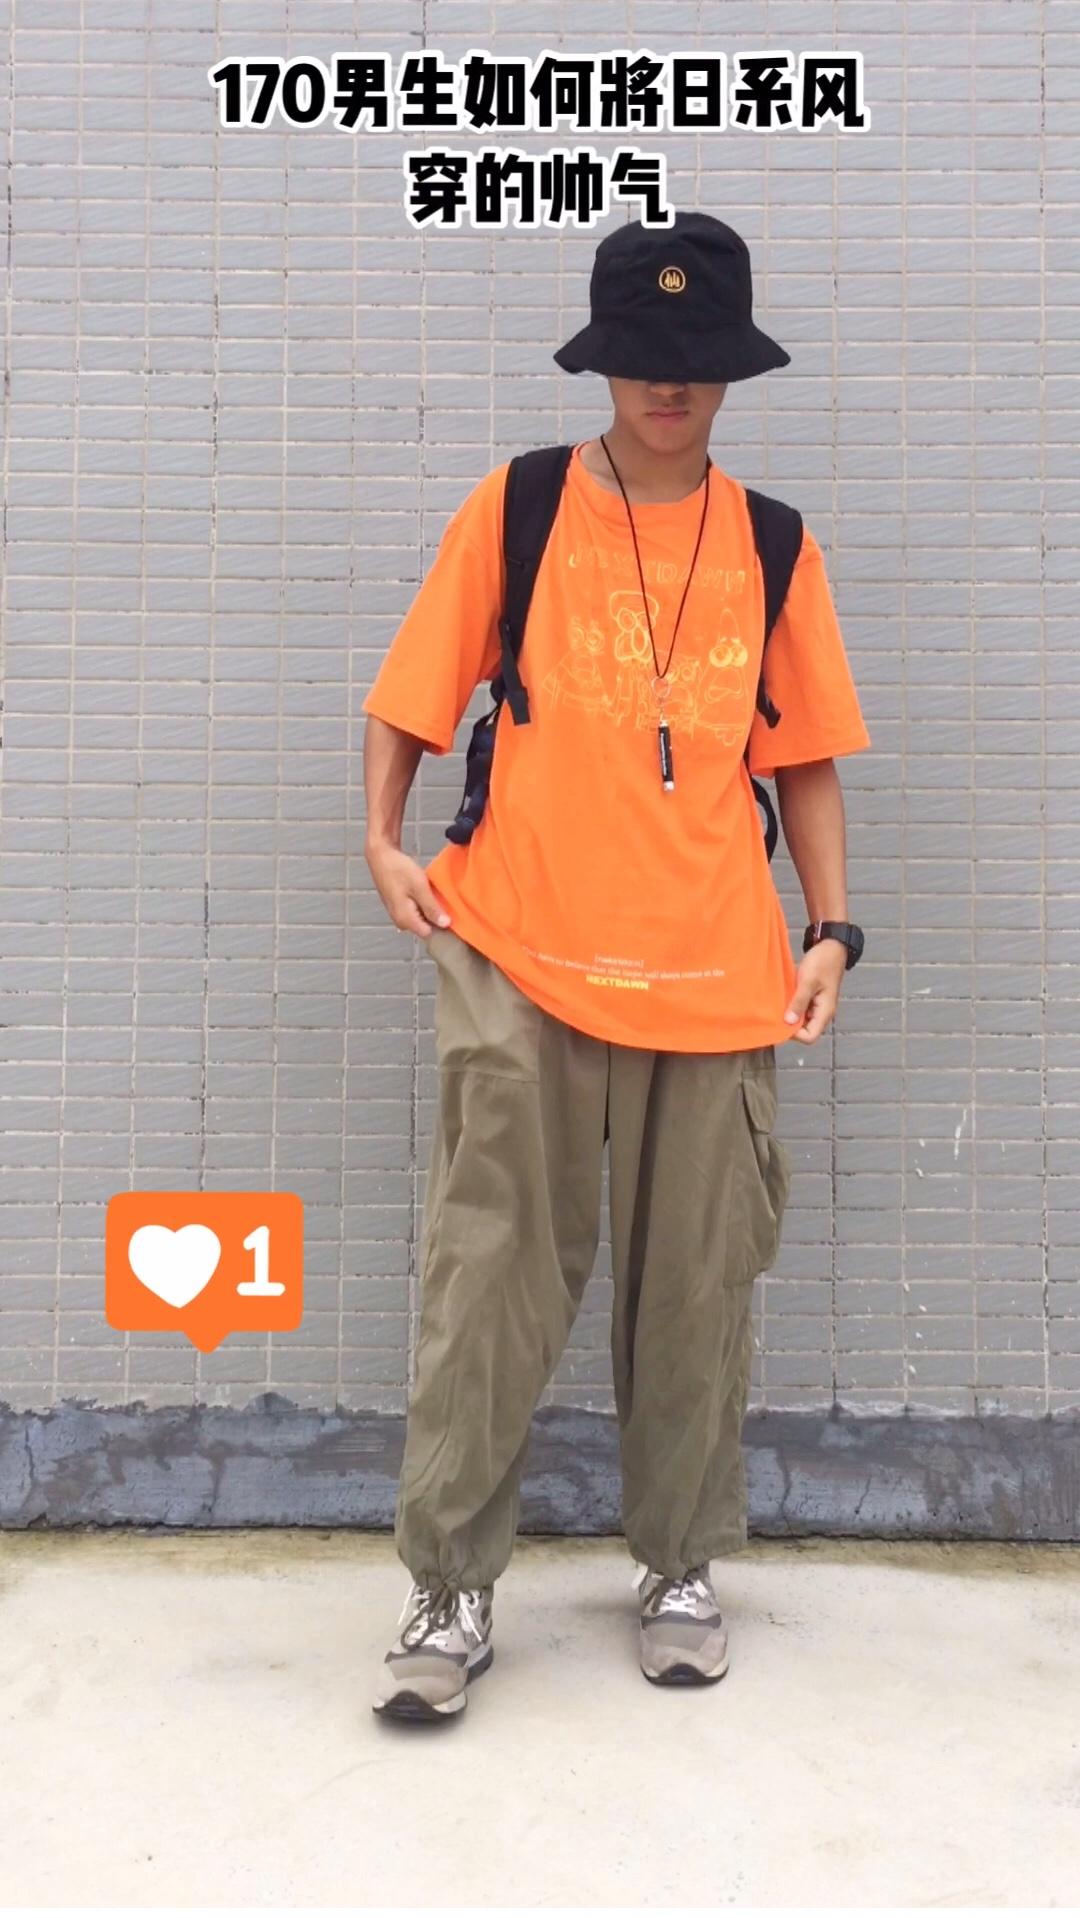 小z教你170男生的🍊日系全身穿搭一look,整体色系搭配橘色和军绿色视觉效果非常舒服,橘色t桖很映衬夏天,胸前图案也非常好看,和日系风味的军绿工装裤搭配起来也很稳,鞋子选择了NB998元祖灰配色,美产上脚舒适感非常高,细节选择了小手电作为胸前挂饰#六月30℃降暑穿搭,全部拿下!#